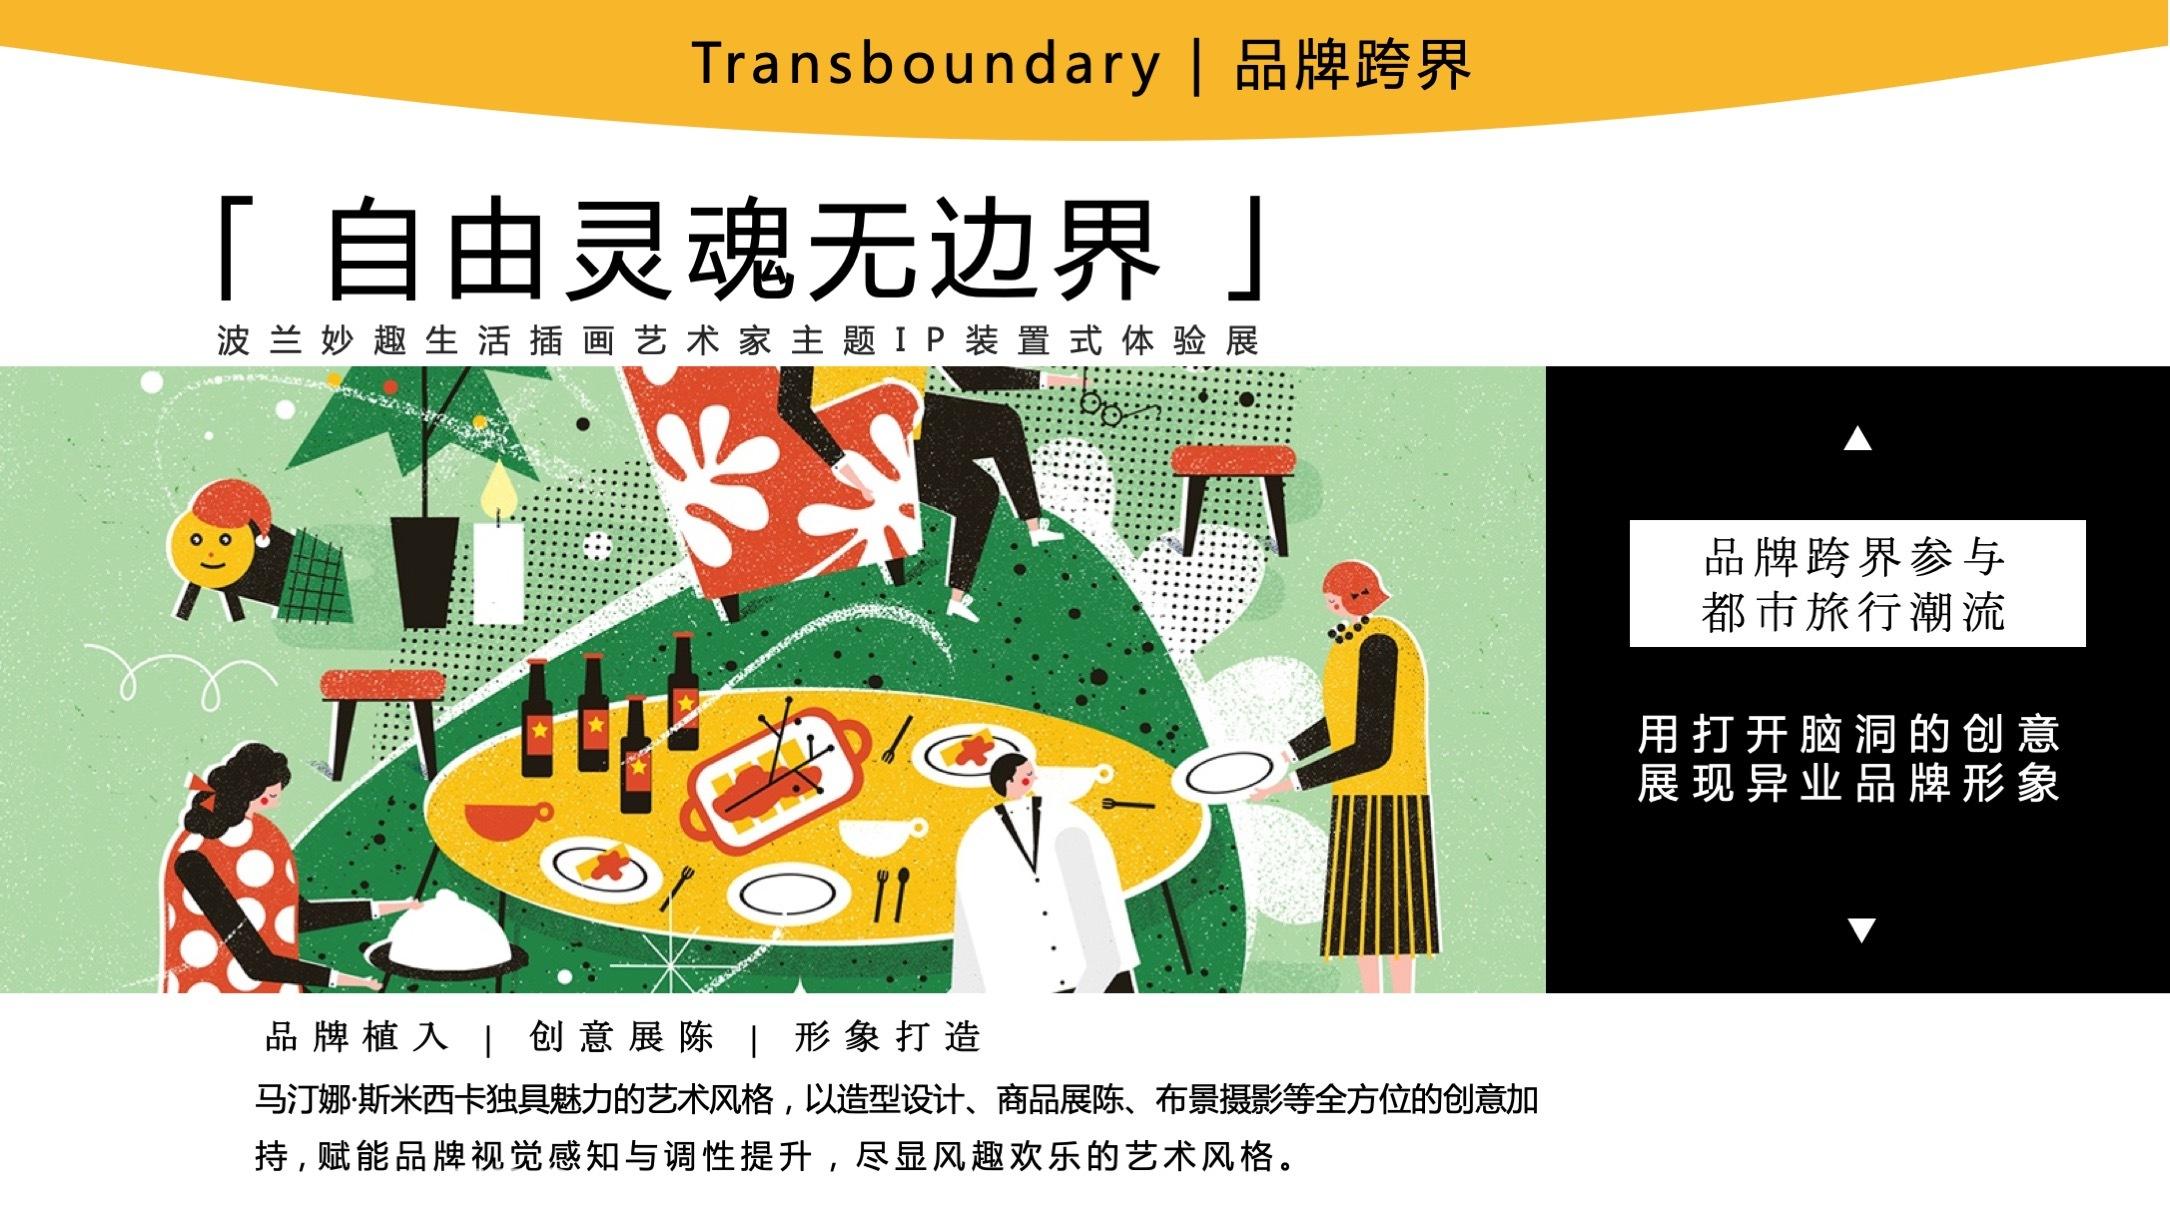 【都市旅行家】波兰插画艺术家主题IP装置式体验展-感映艺术